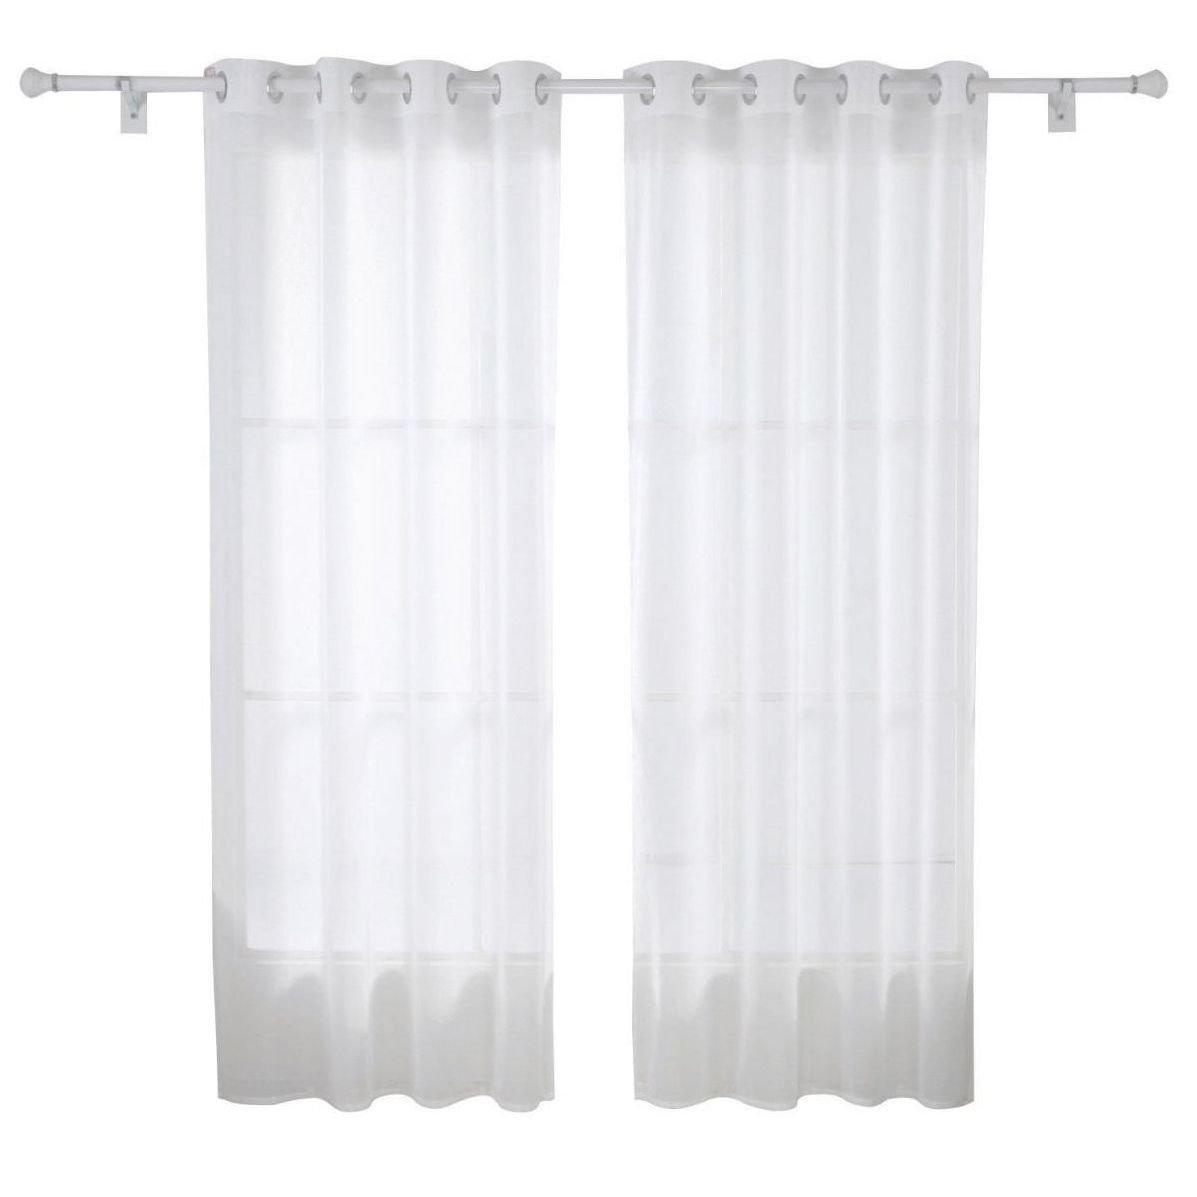 Cortina de sal n moderna con anillas en blanco cortinas for Cortinas en blanco